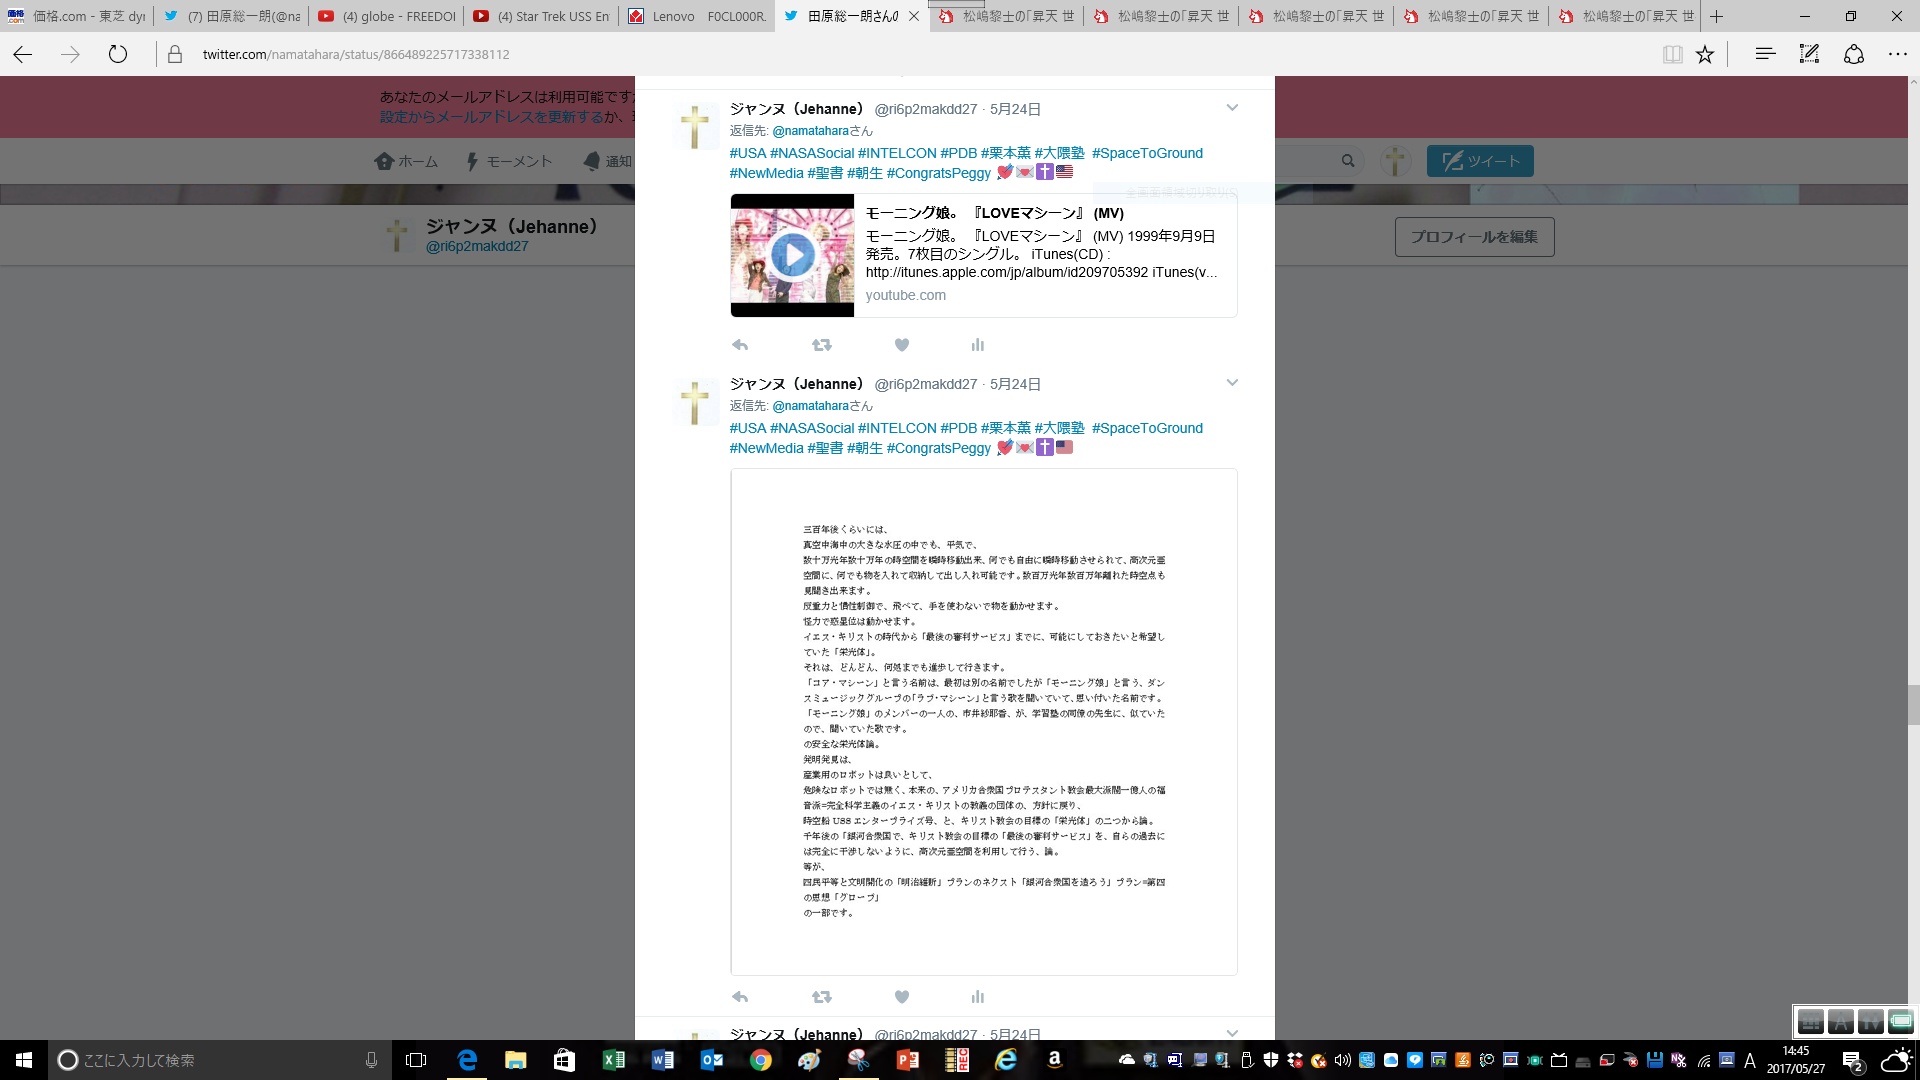 山下聡吾の評価スティーブン・ホーキング博士への